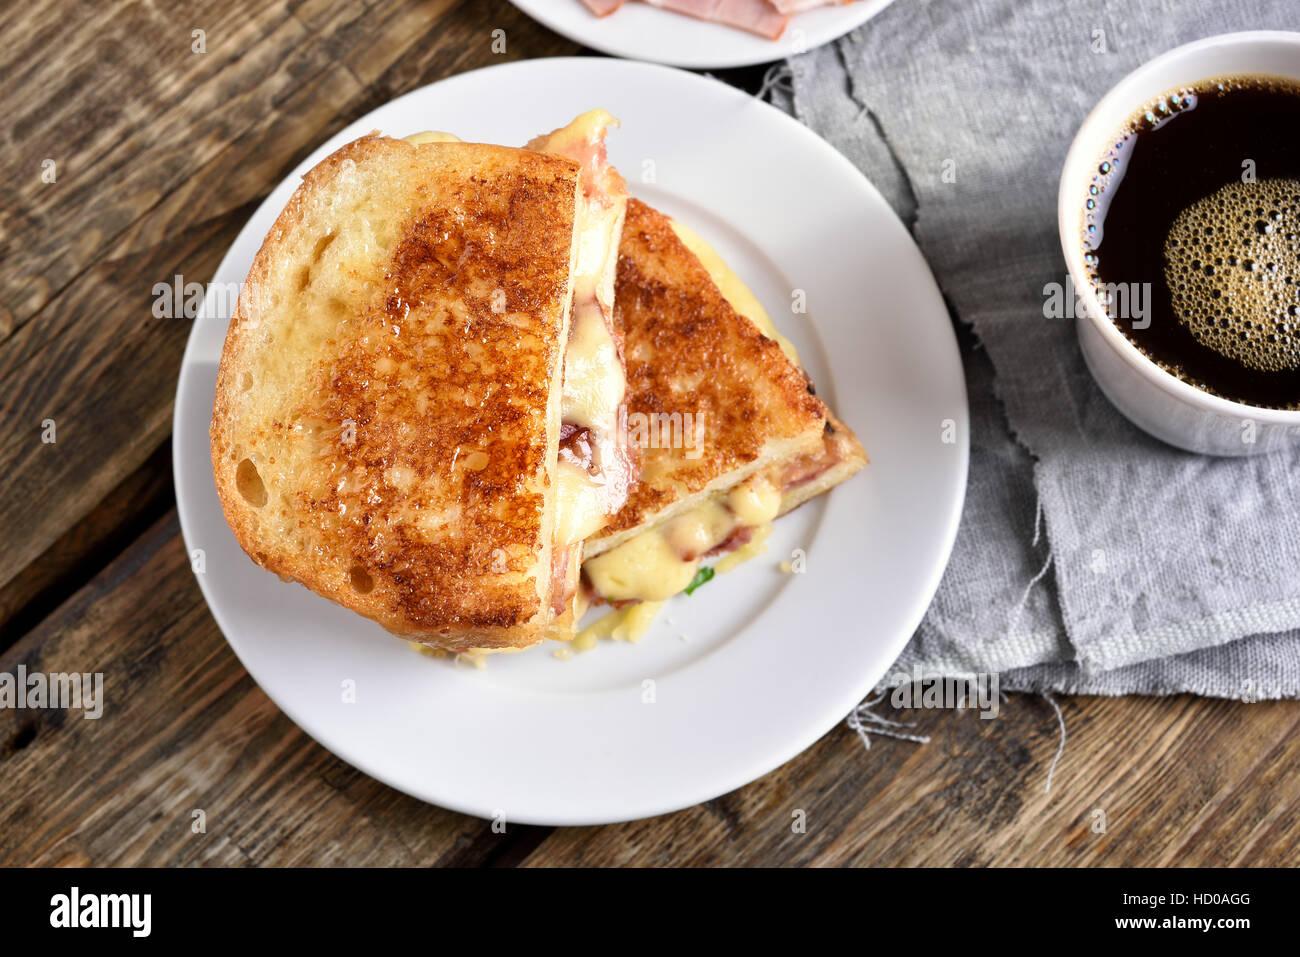 Desayuno tostadas sándwich con tocino y queso, vista superior Imagen De Stock